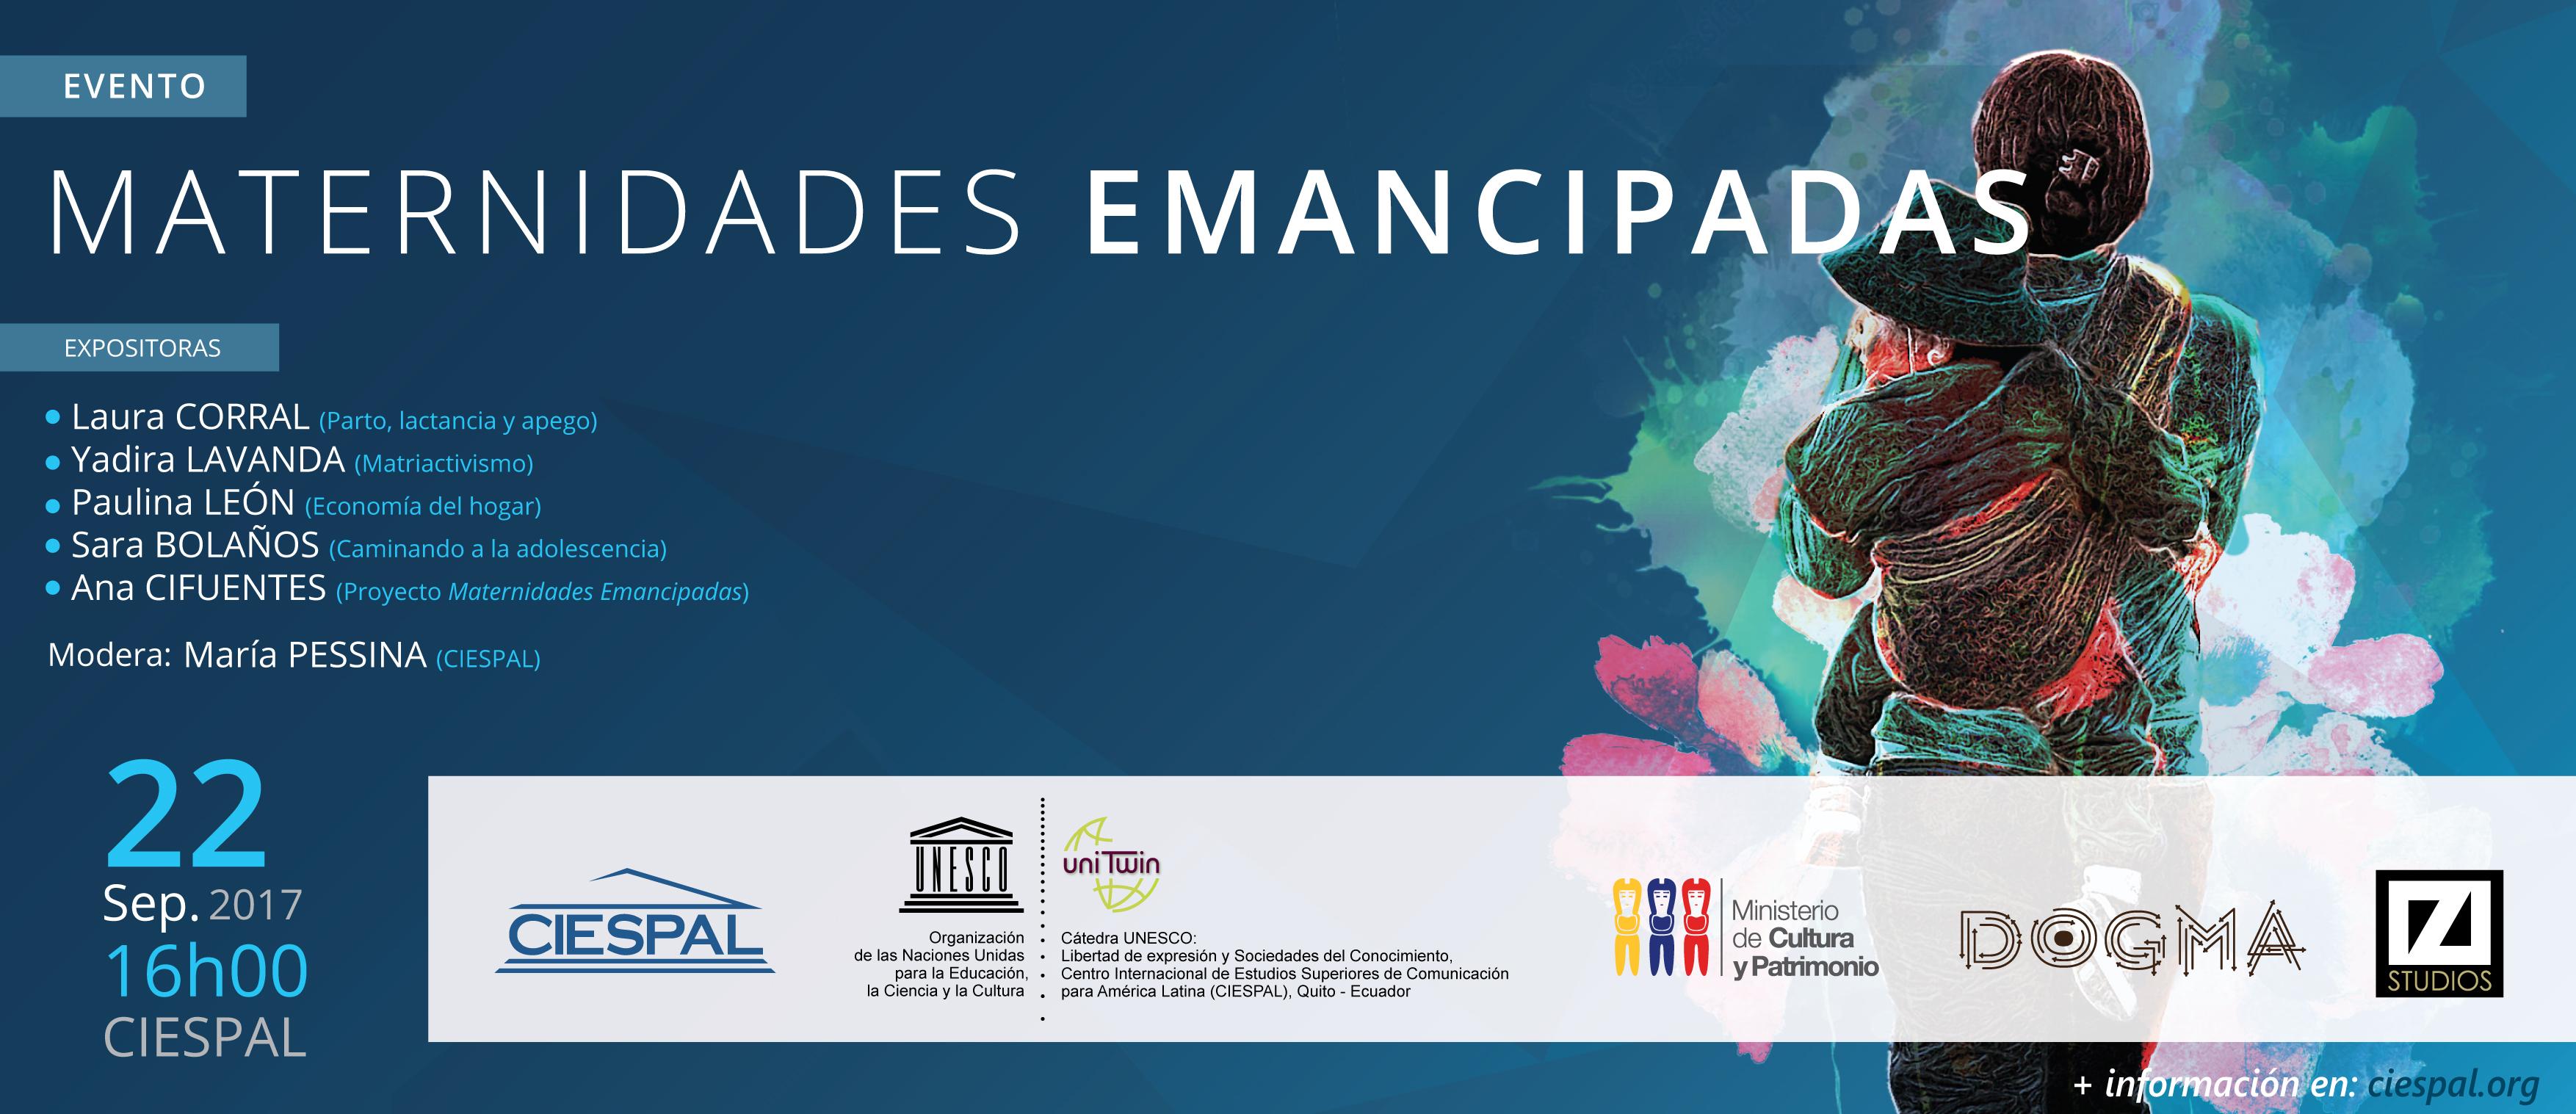 Cátedra UNESCO presenta: MATERNIDADES EMANCIPADAS